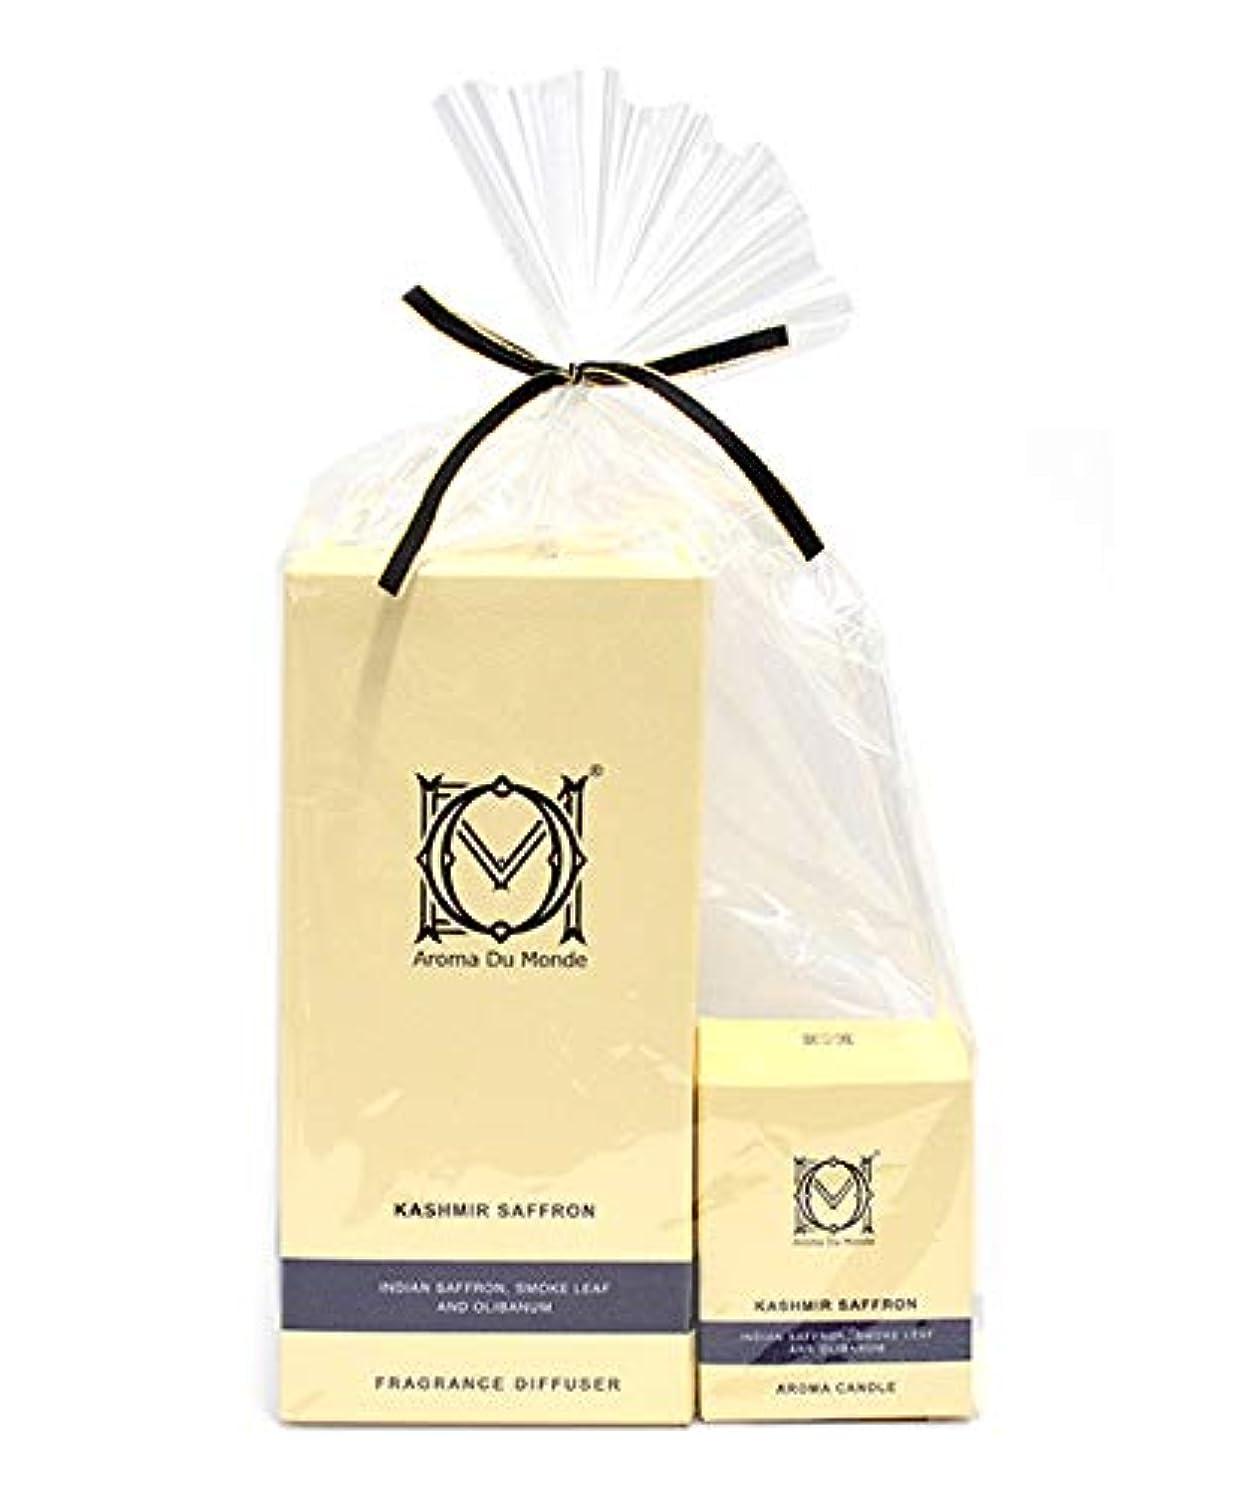 信頼閃光大きいフレグランスディフューザー&キャンドル カシミールサフラン セット Aroma Du Monde/ADM Fragrance Diffuser & Candle Kashmir Saffron 81160